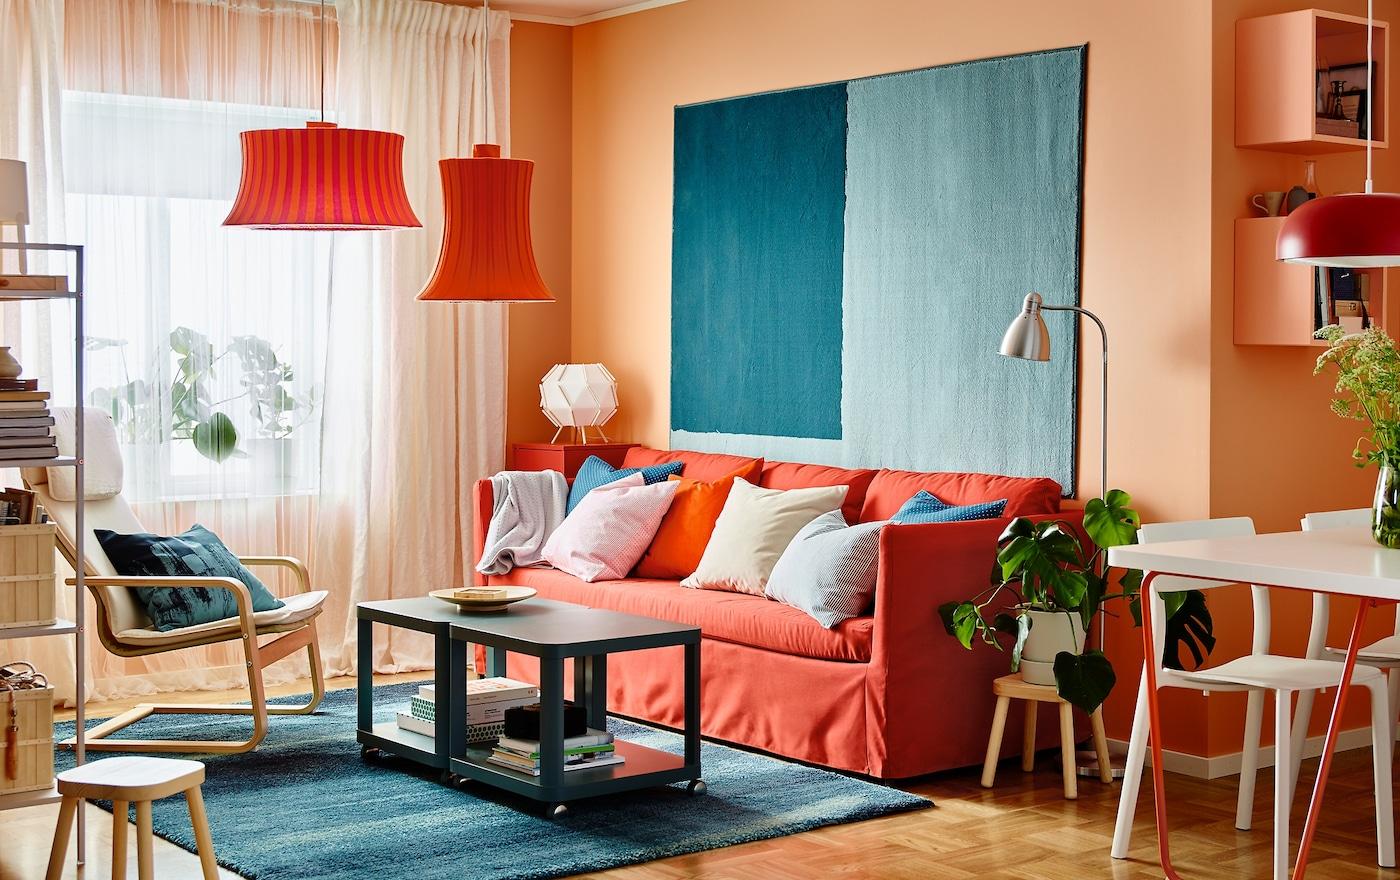 Lisää moderniin olohuoneeseen räiskyviä värejä. Kolmen istuttava IKEA BRÅTHULT-sohva, jossa on punainen tai oranssi Vissle-päällinen, oranssi seinä ja sininen IKEA SÖNDERÖD-matto.